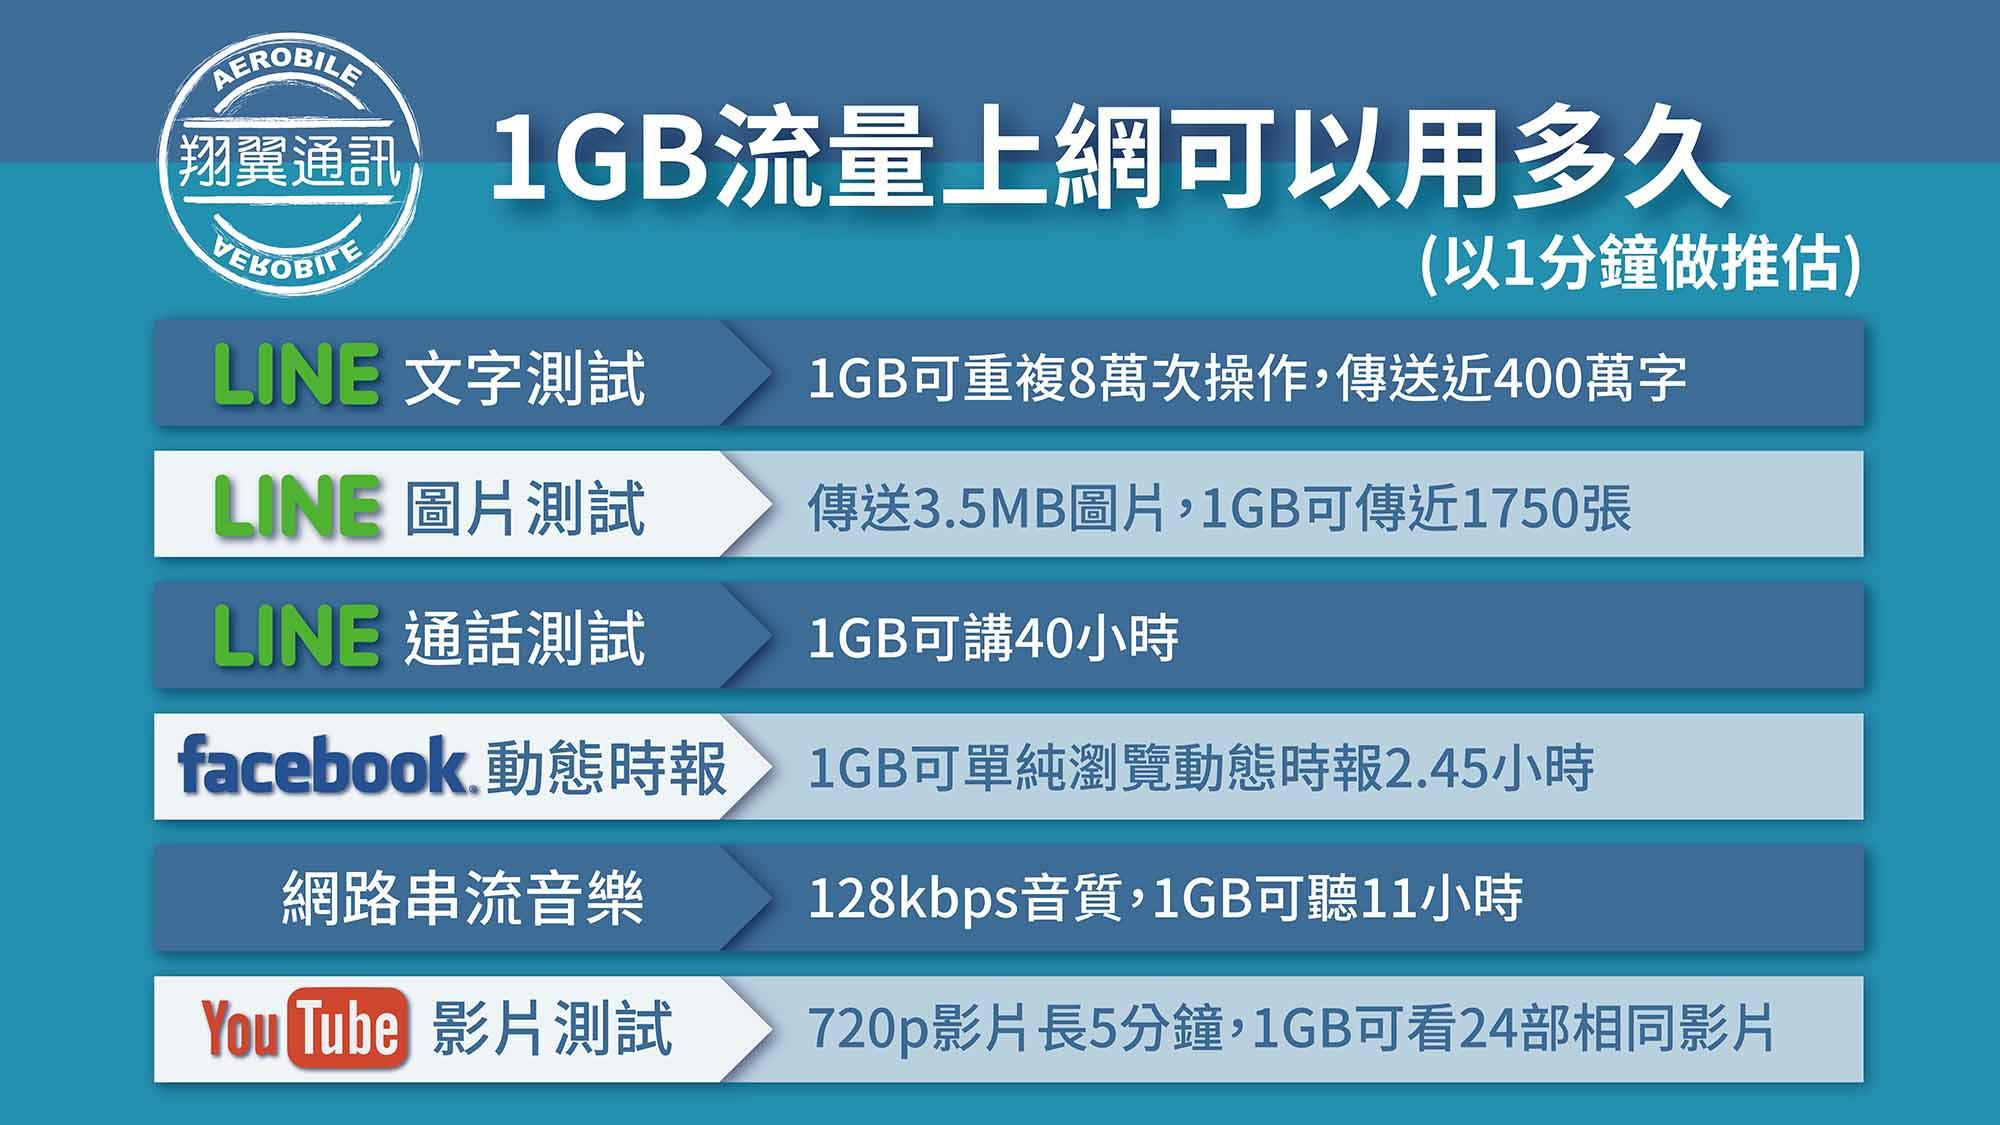 1GB可以用多久